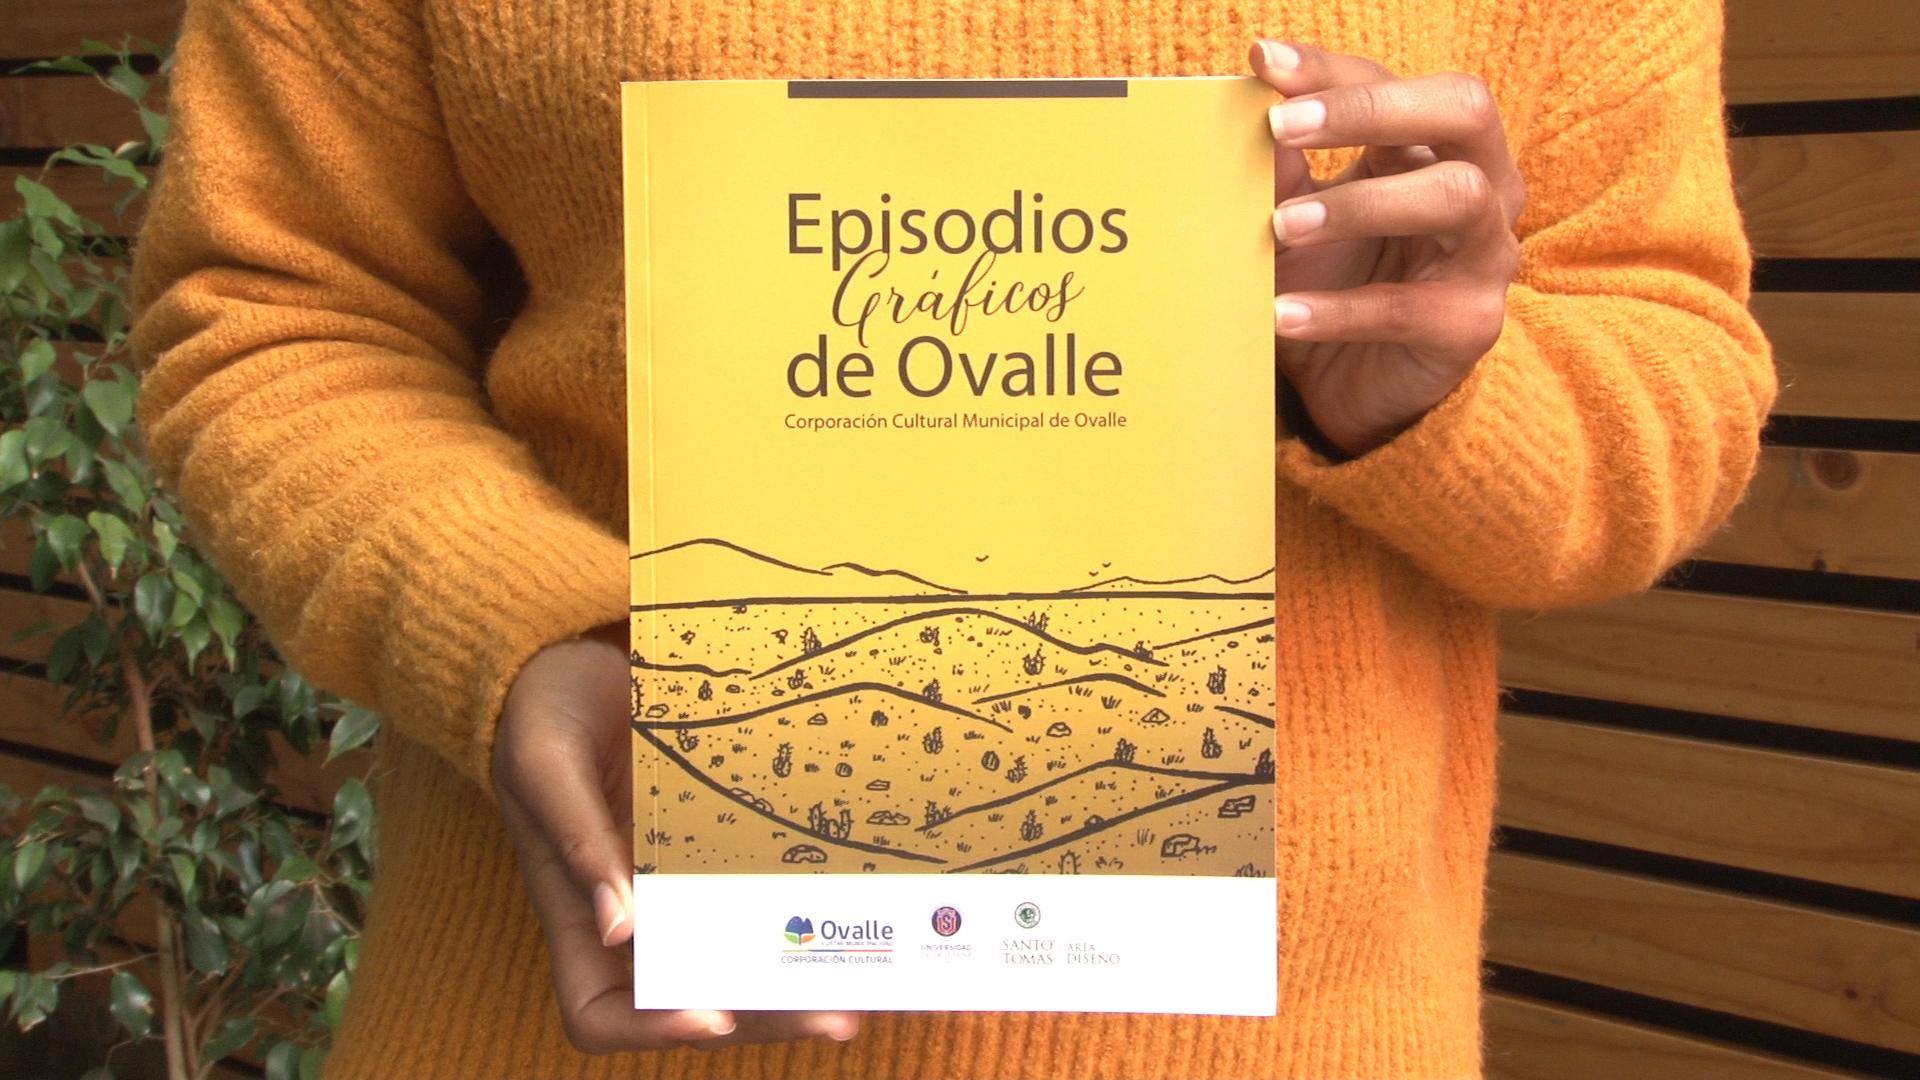 Episodios gráficos de Ovalle